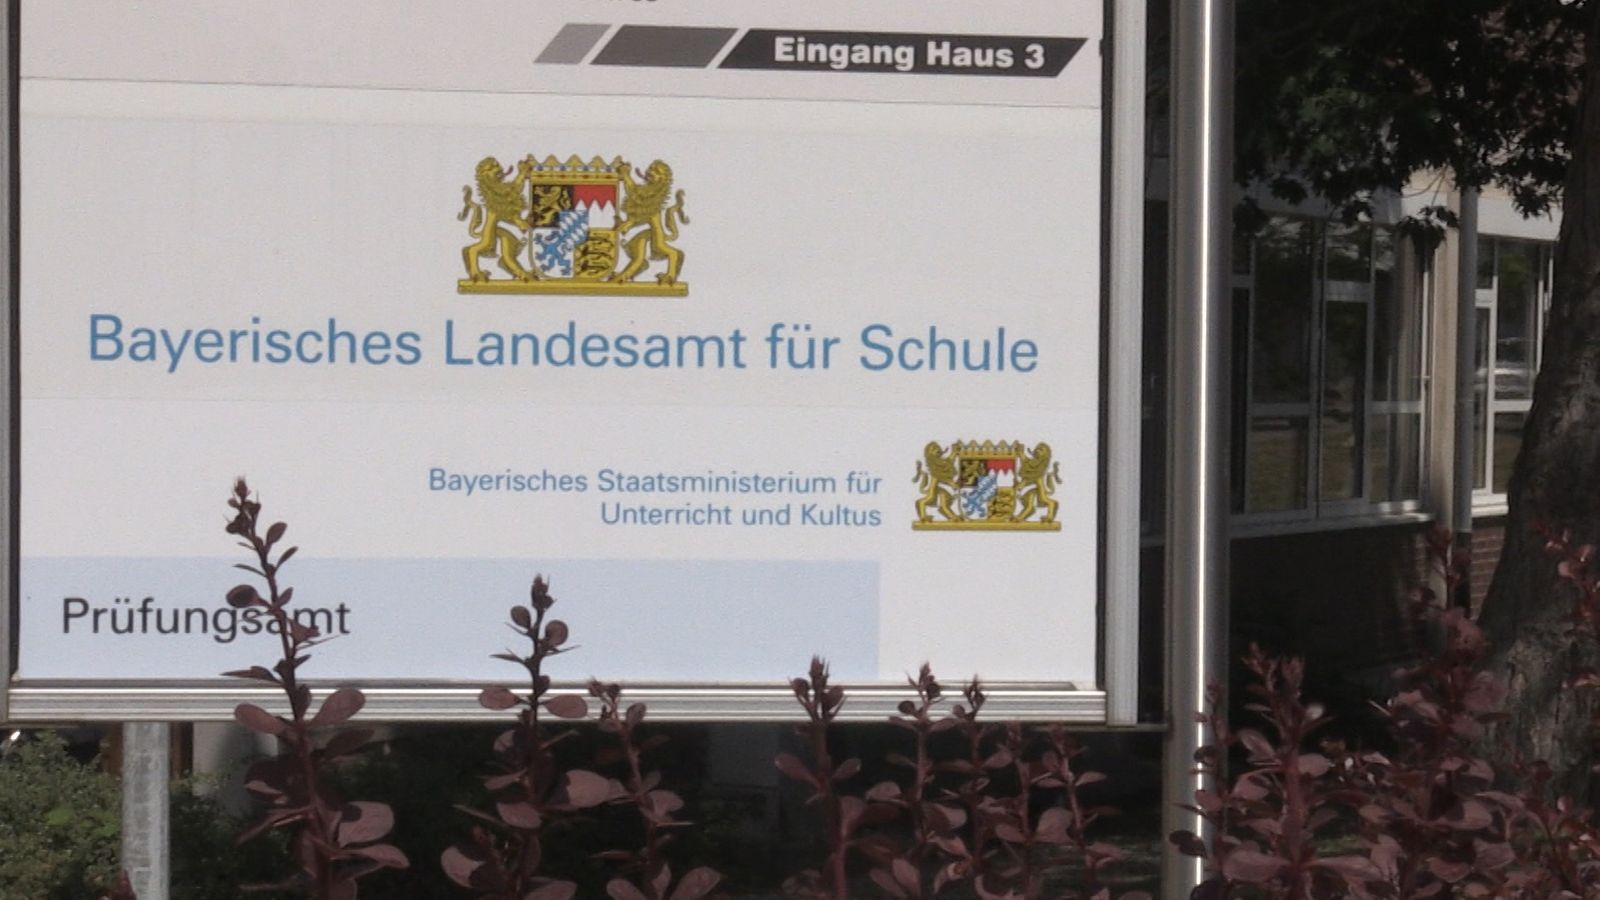 Mauerblumchen Mit Grosser Wirkung Das Landesamt Fur Schule Br24